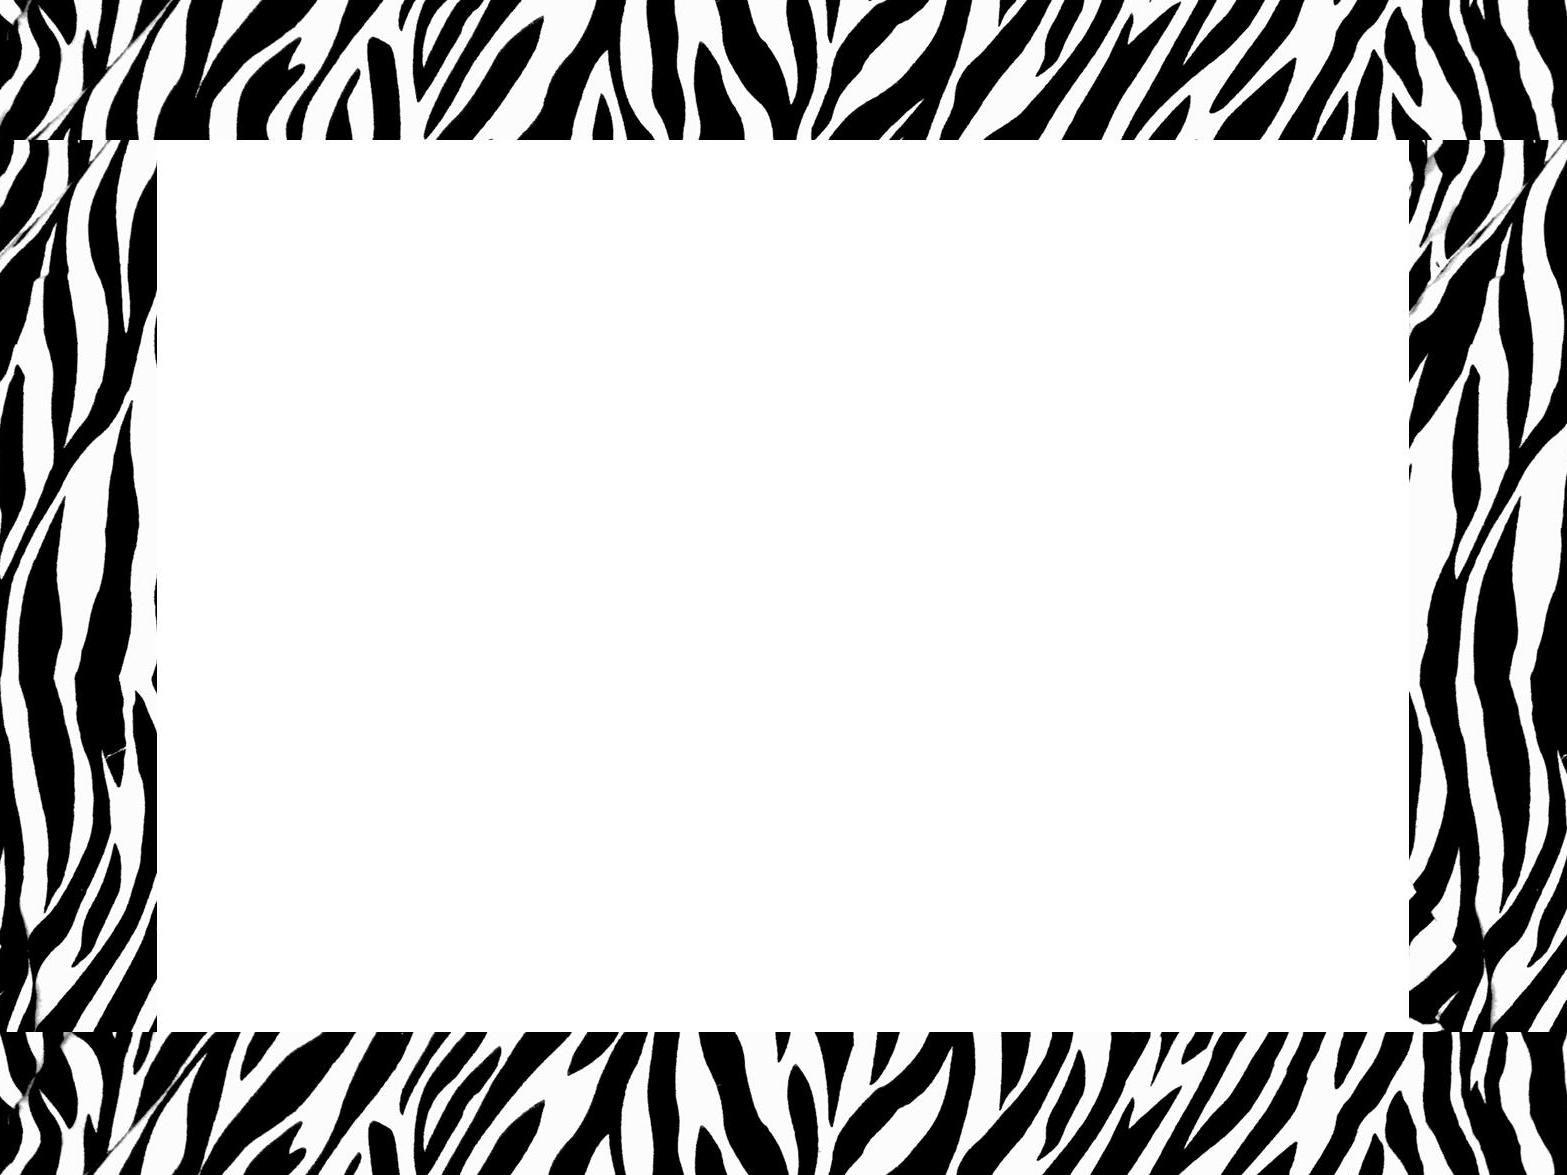 zebra border jpg 1 567 1 175 pixels classroom ideas pinterest rh pinterest com Pink Zebra Border Clip Art pink zebra border clip art